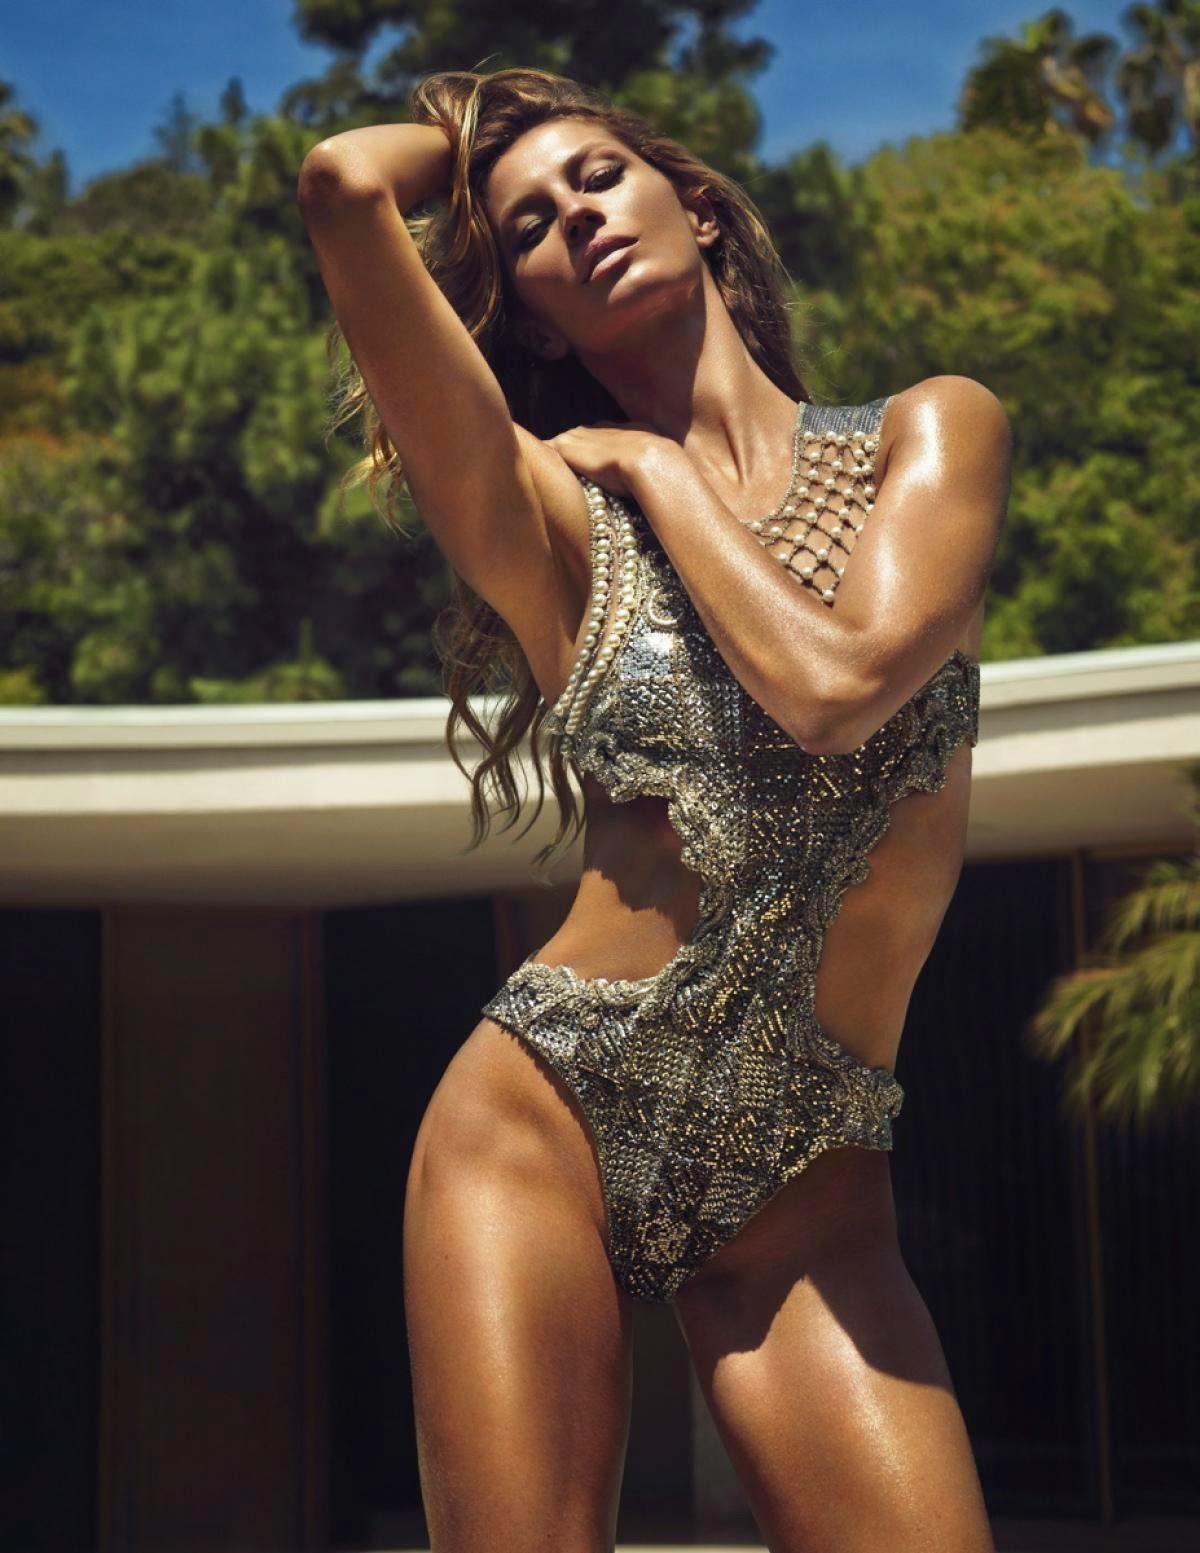 Pussy Corinne Calvet nude (58 fotos) Cleavage, Instagram, braless